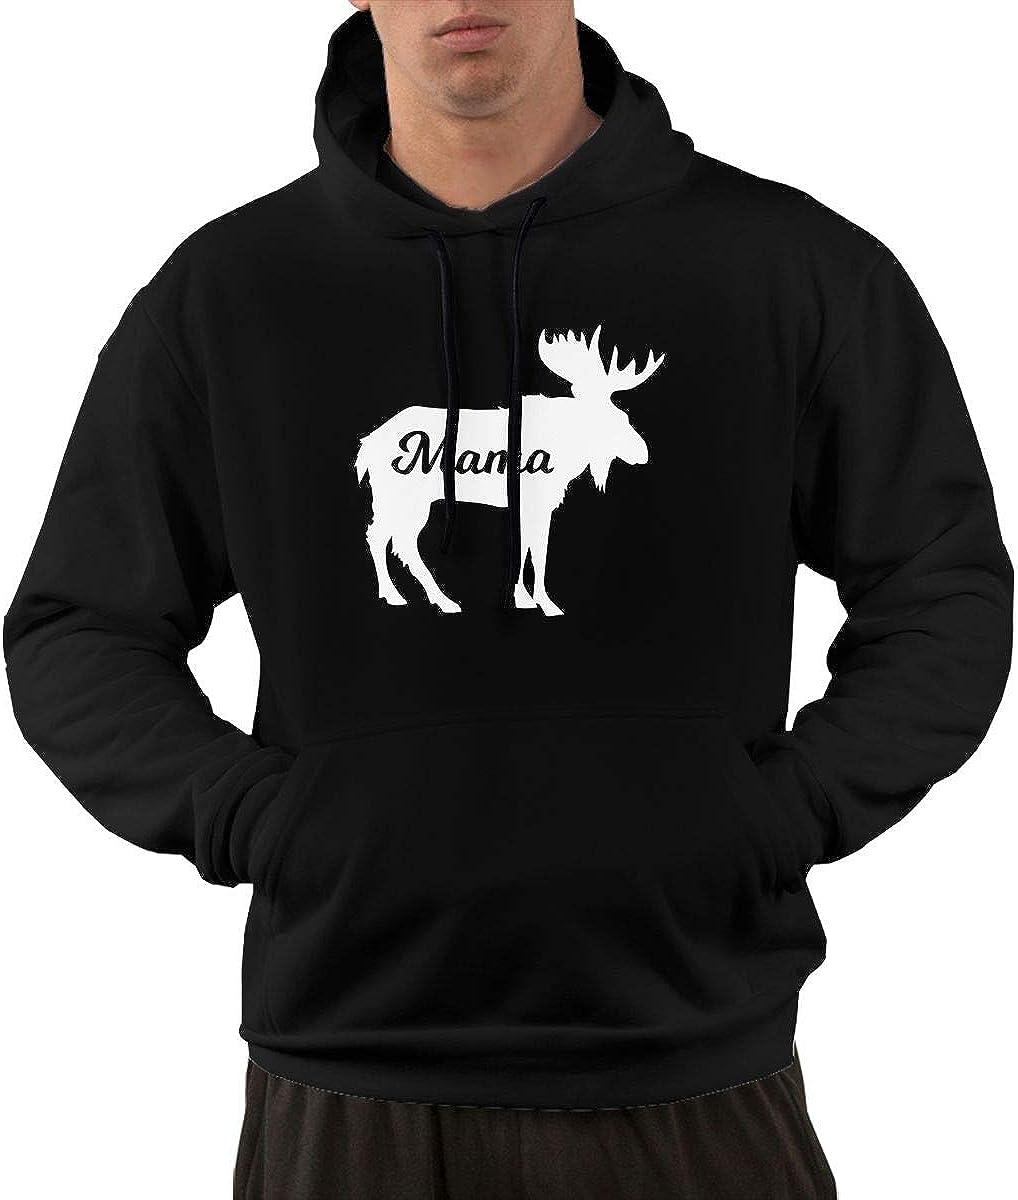 Jiongjiu/&256 Mens Sports Sweatshirt Mama Moose Pockets Outer Jacket